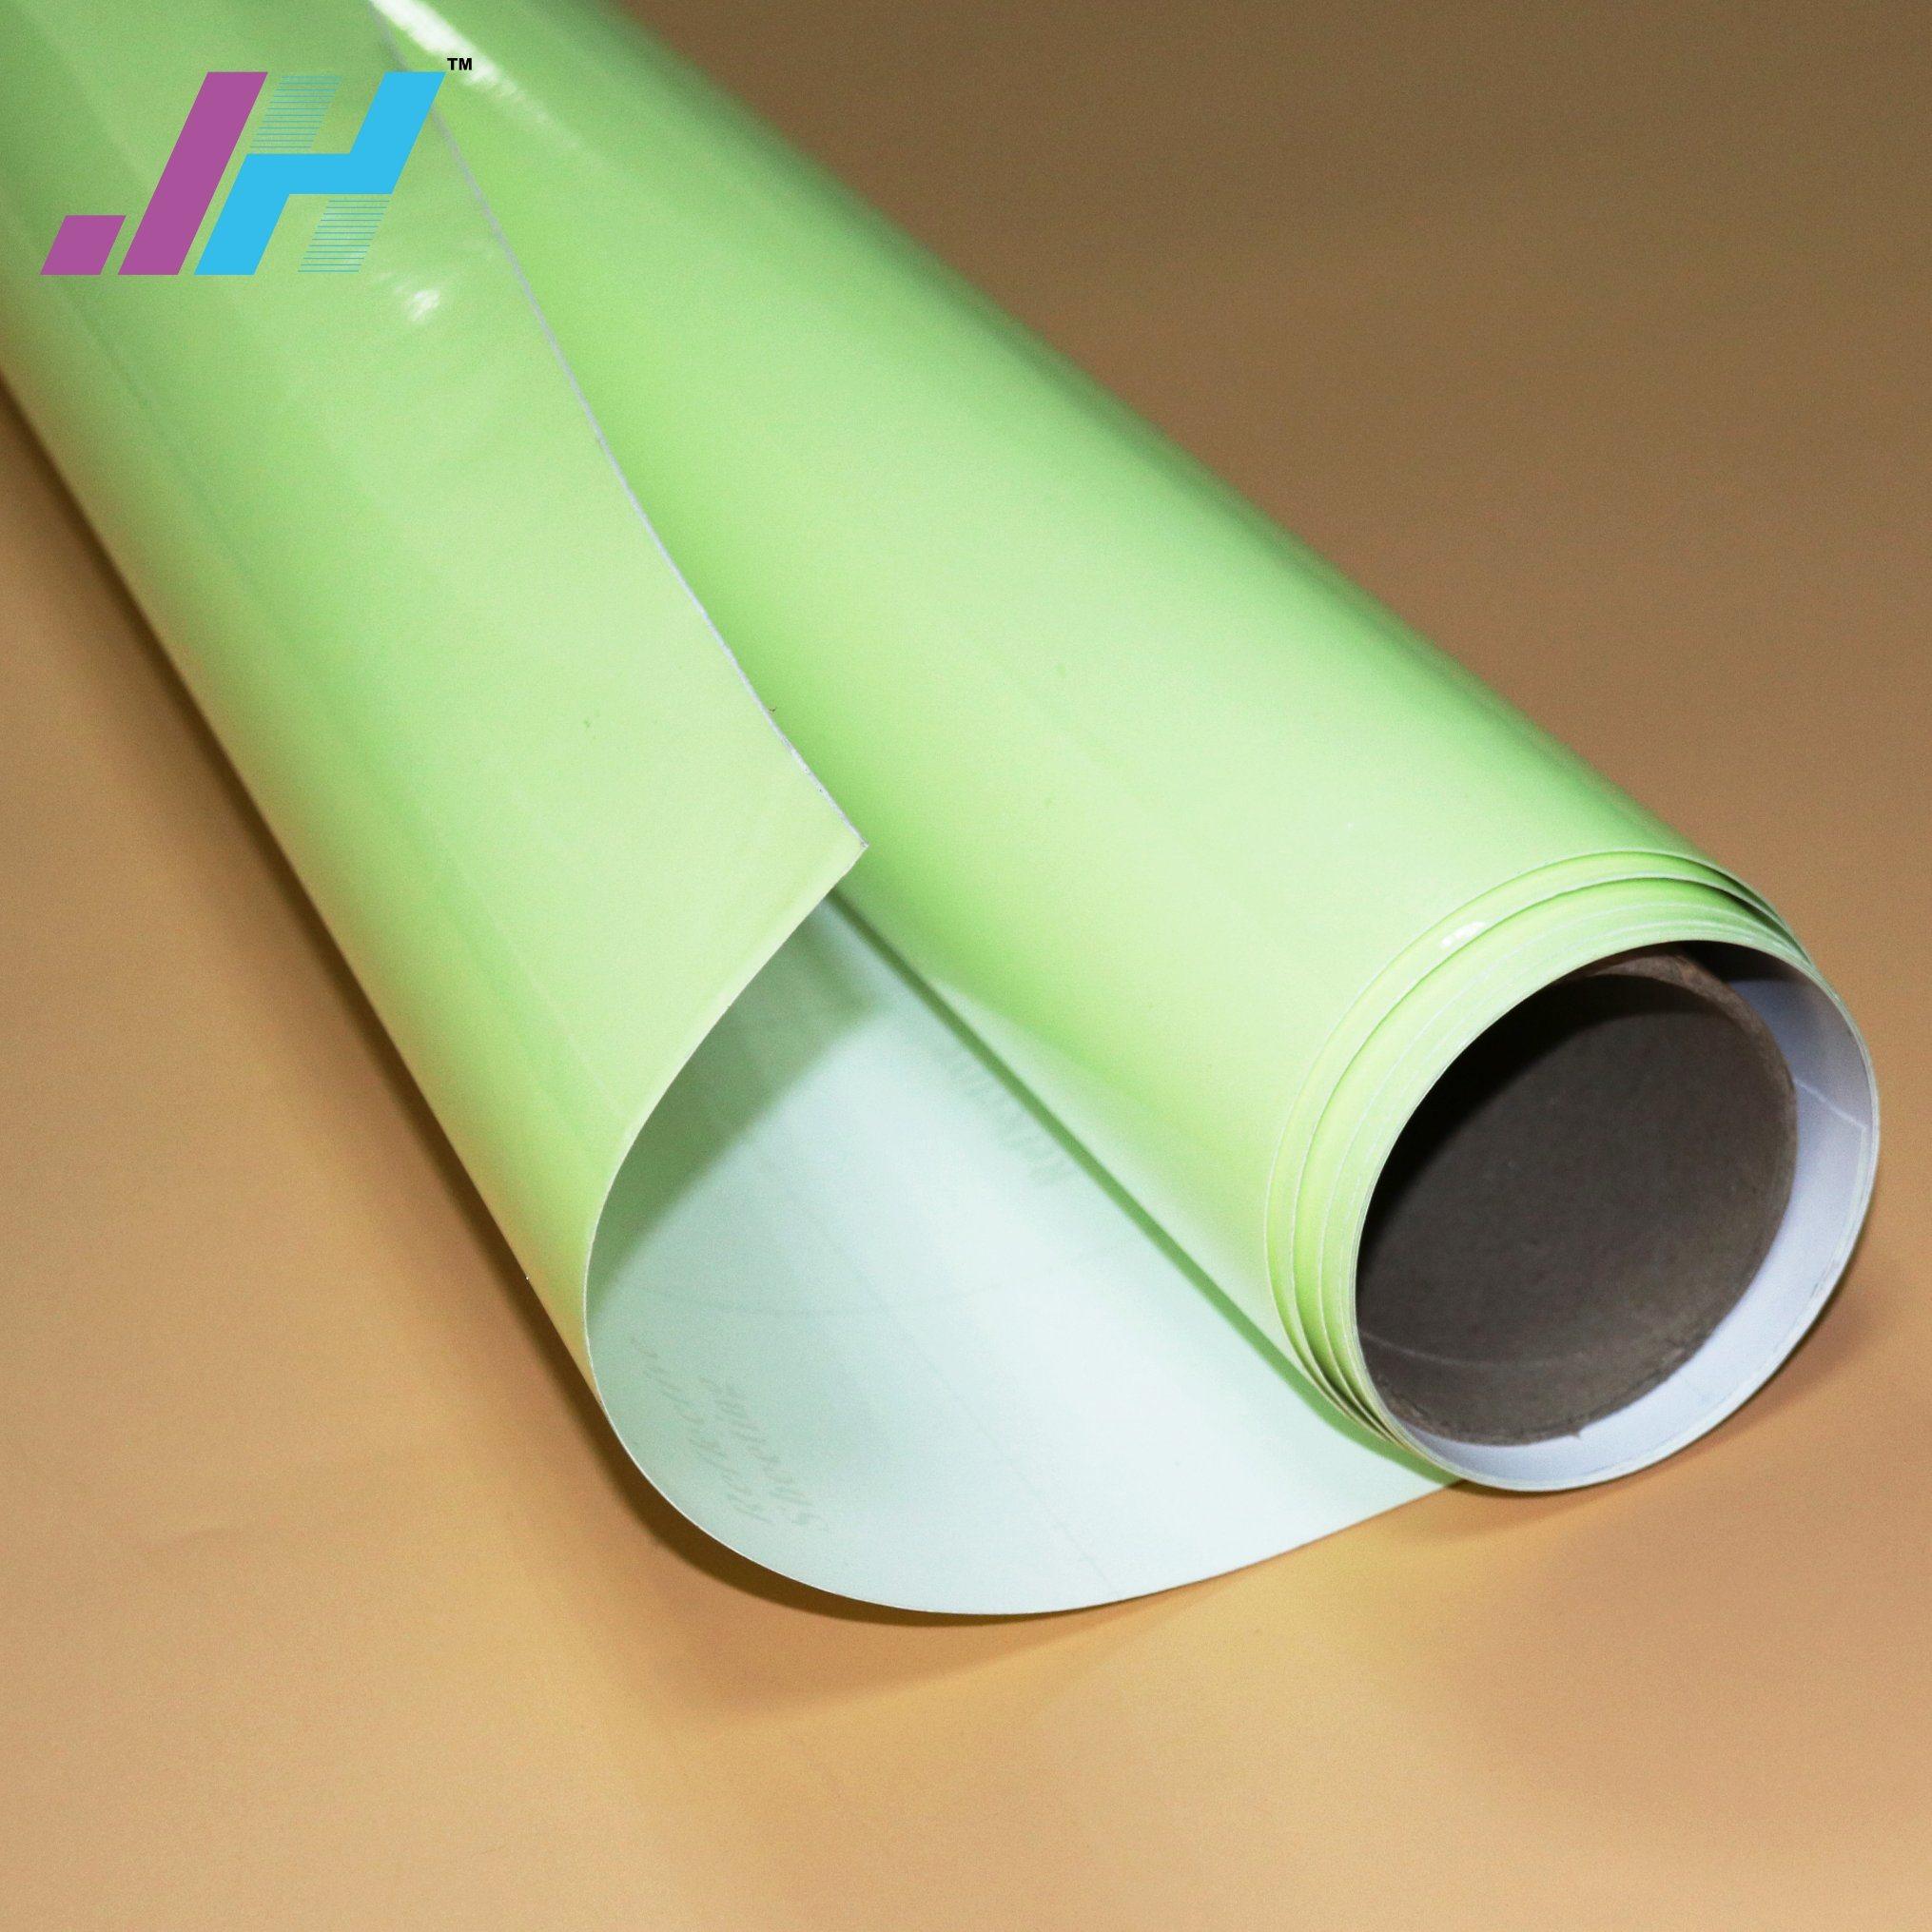 мощный пластик с фотолюминесцентным слоем участник вас заинтересовал